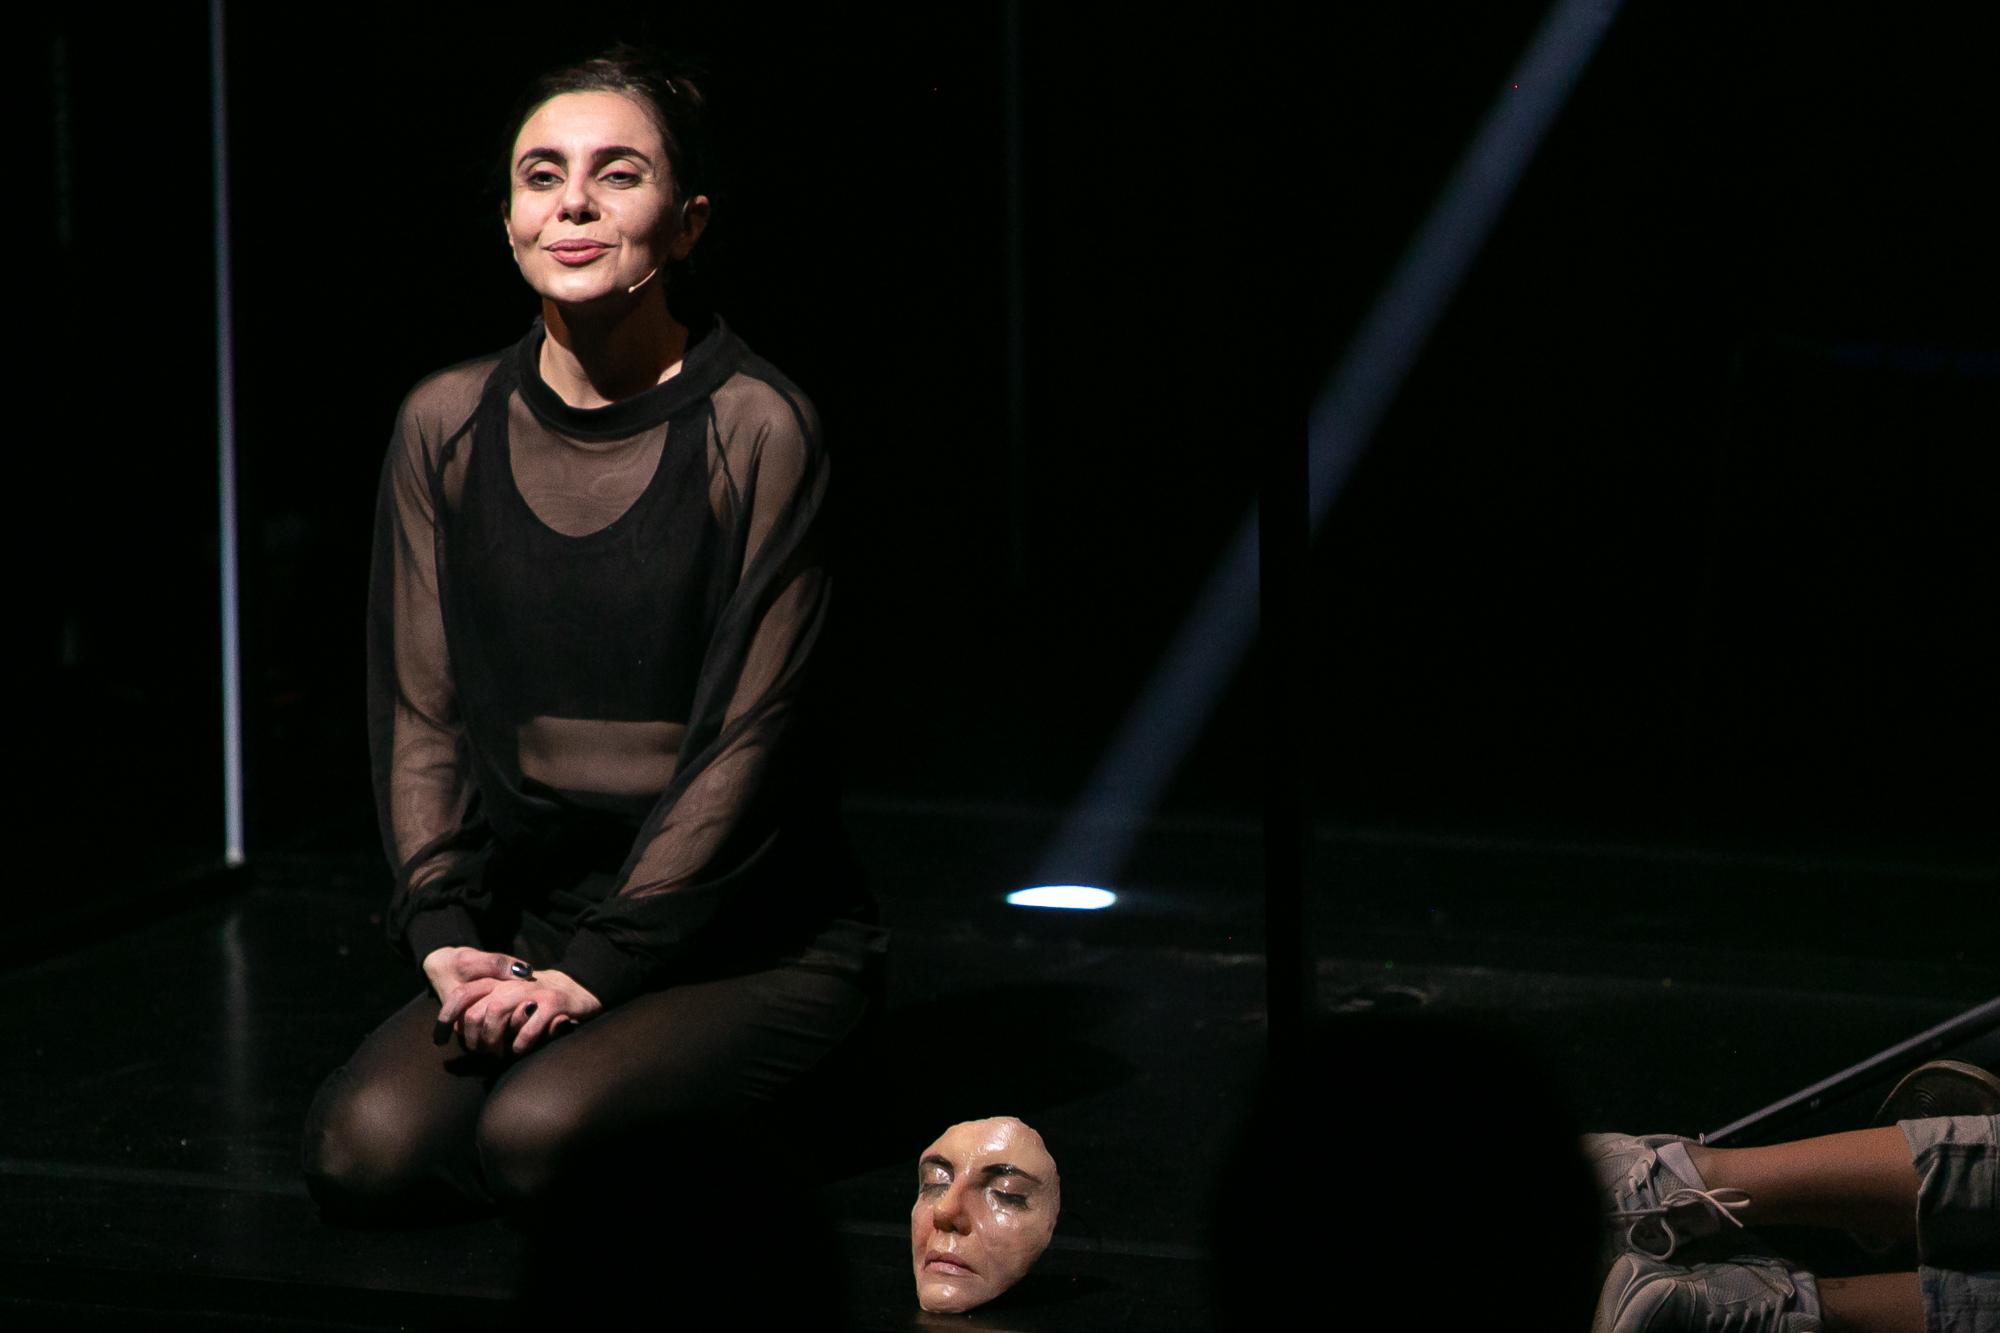 Na ciemnej scenie siedzi Norbert Zły - kobieta w ciemnym stroju, bez makijażu. Obok niej leży na podłodze maska, przedstawiająca jej twarz.